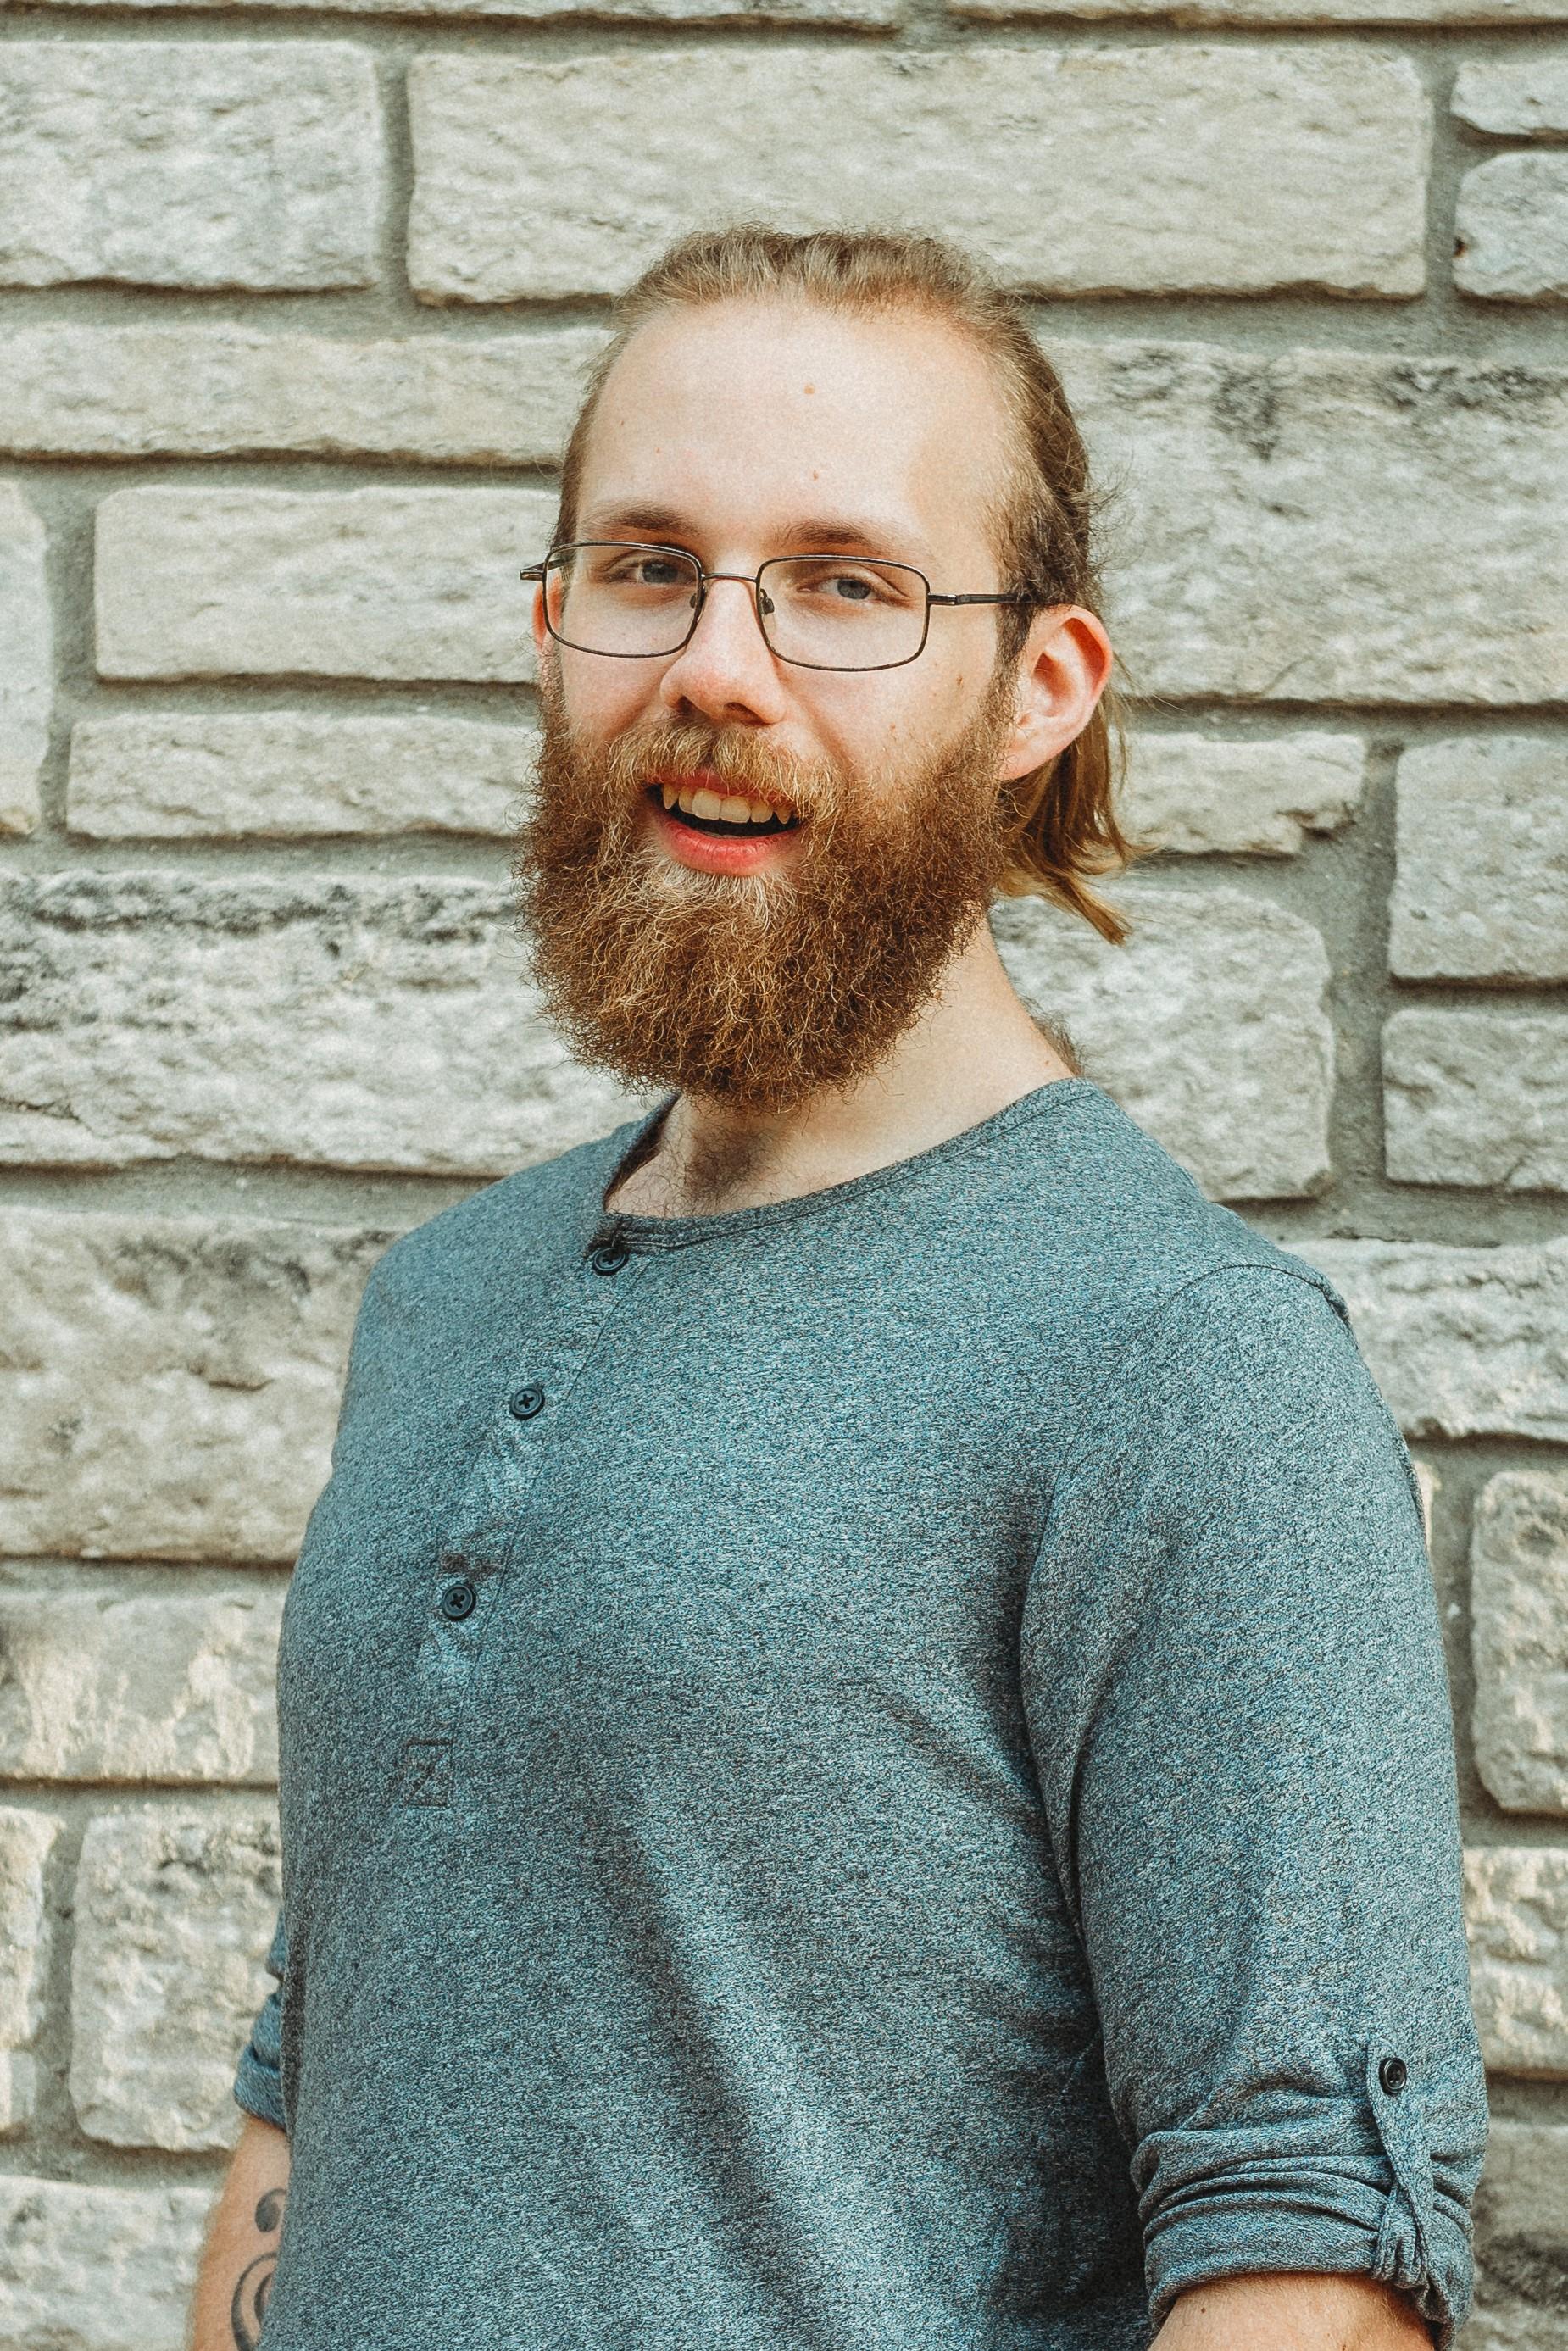 Max Arvidsson